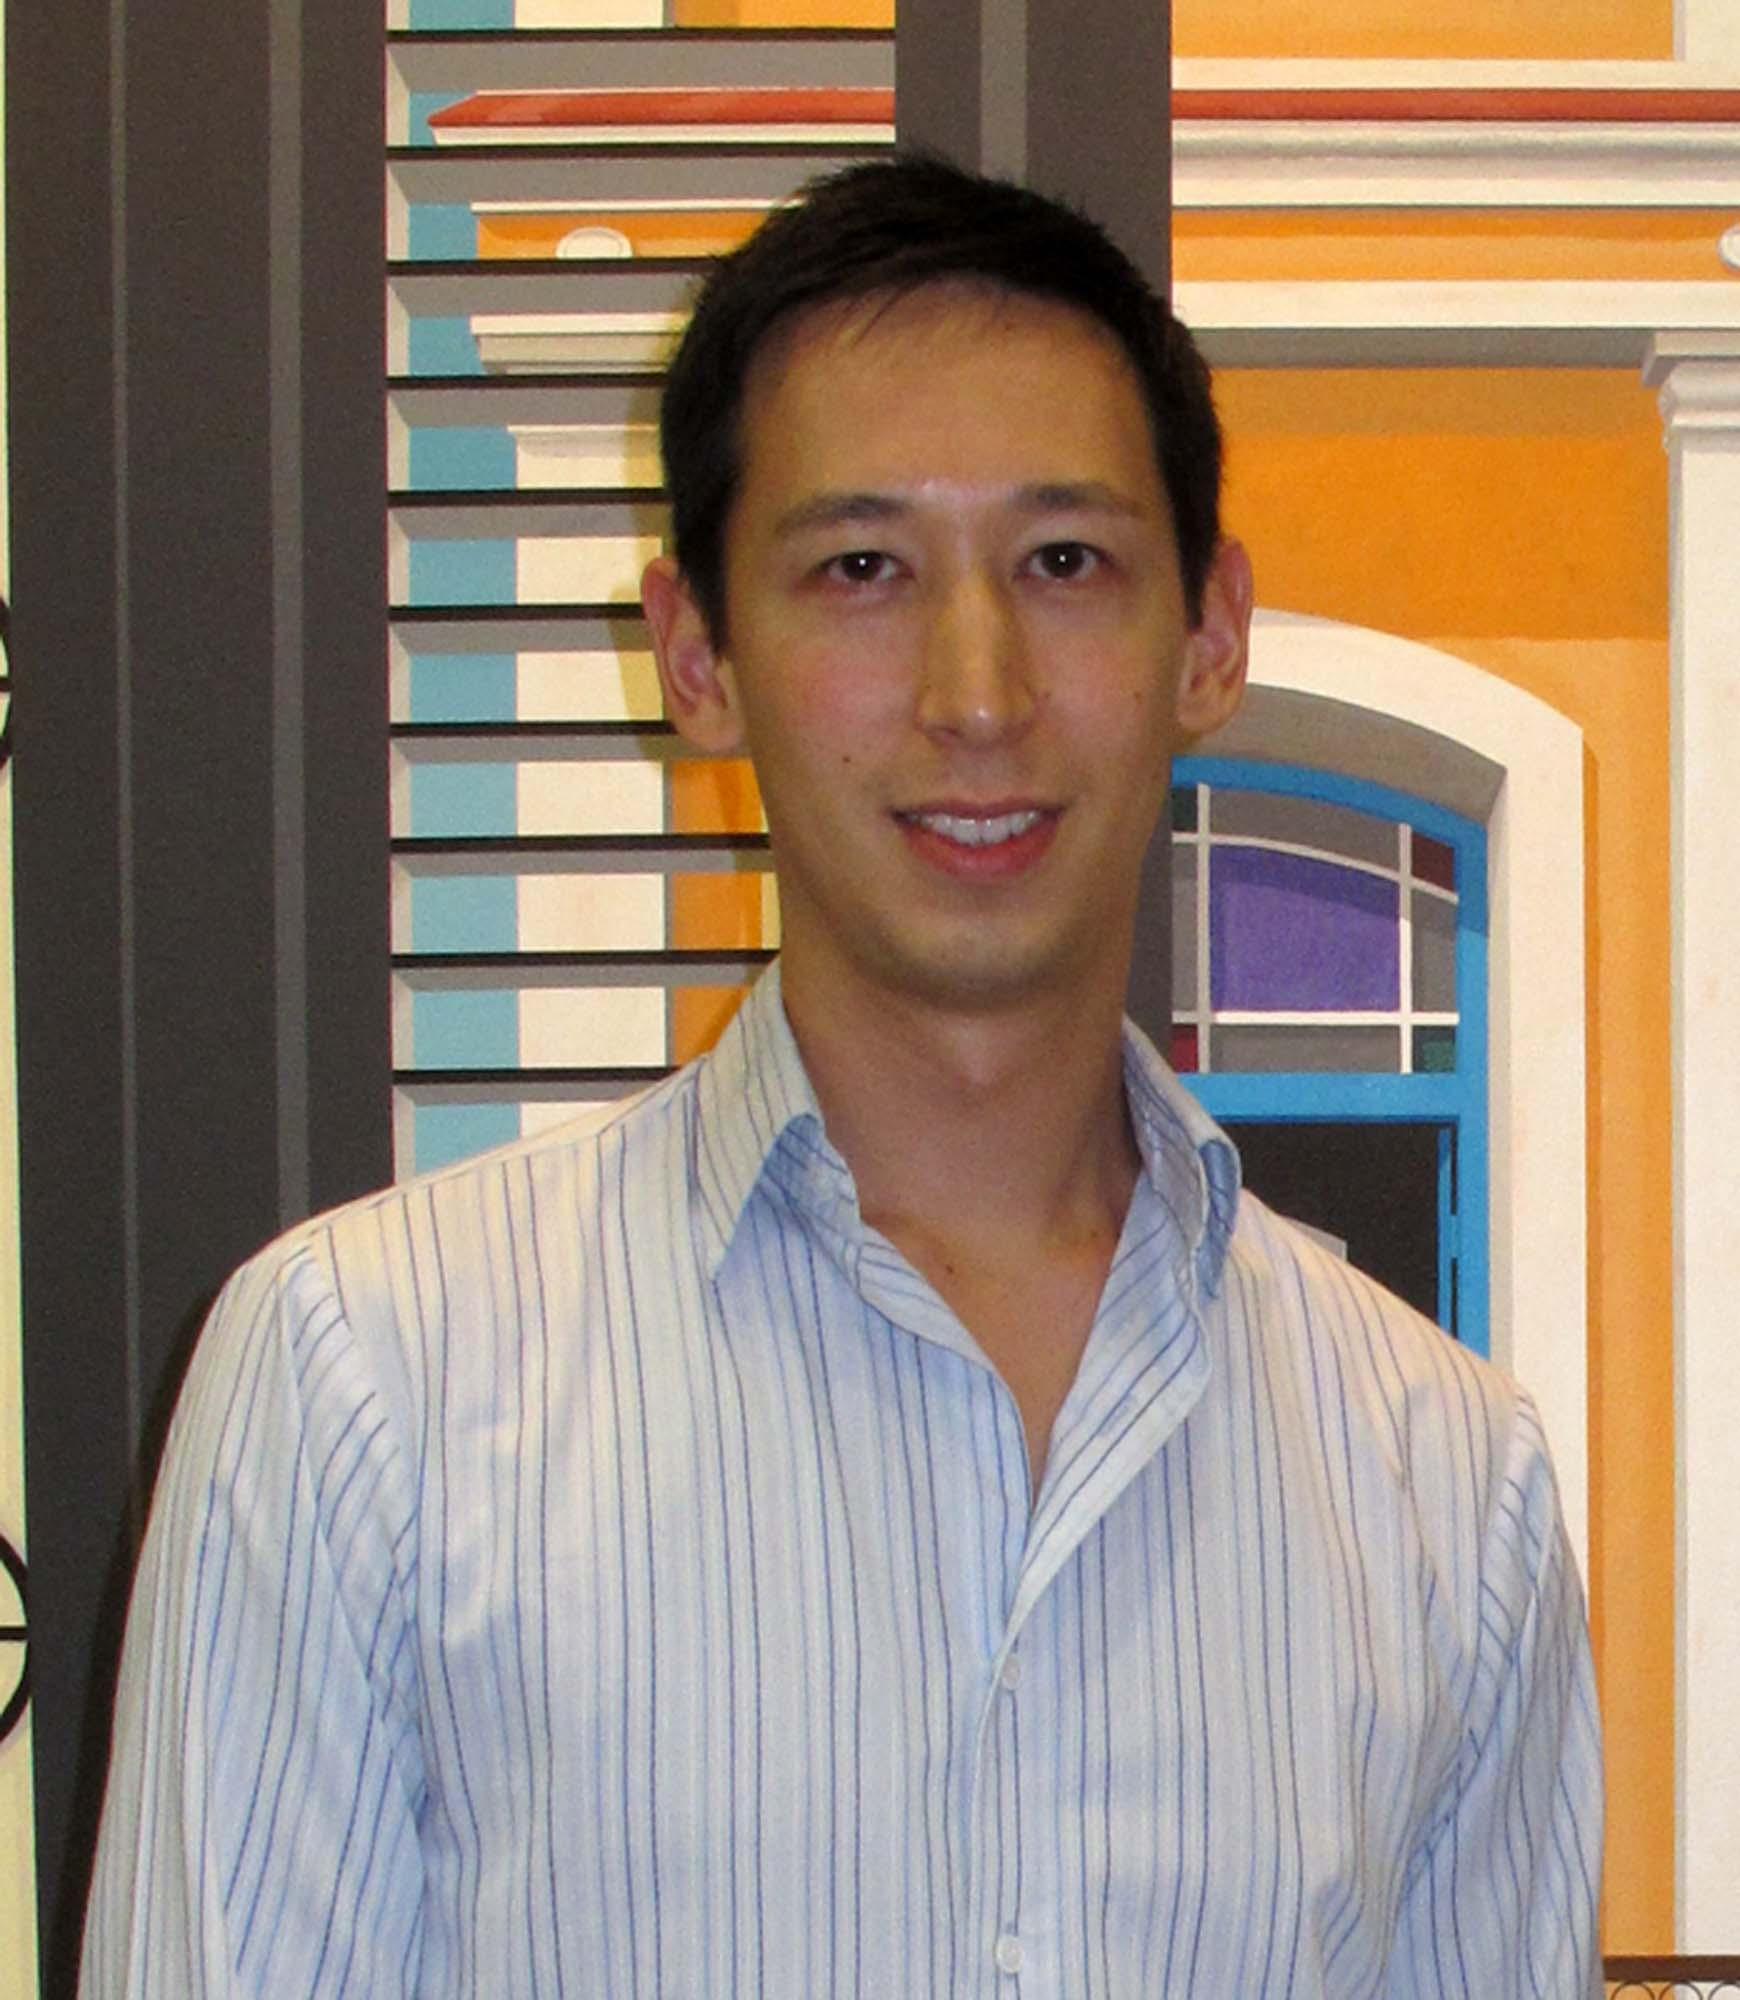 headshot of a man in a button down blue shirt